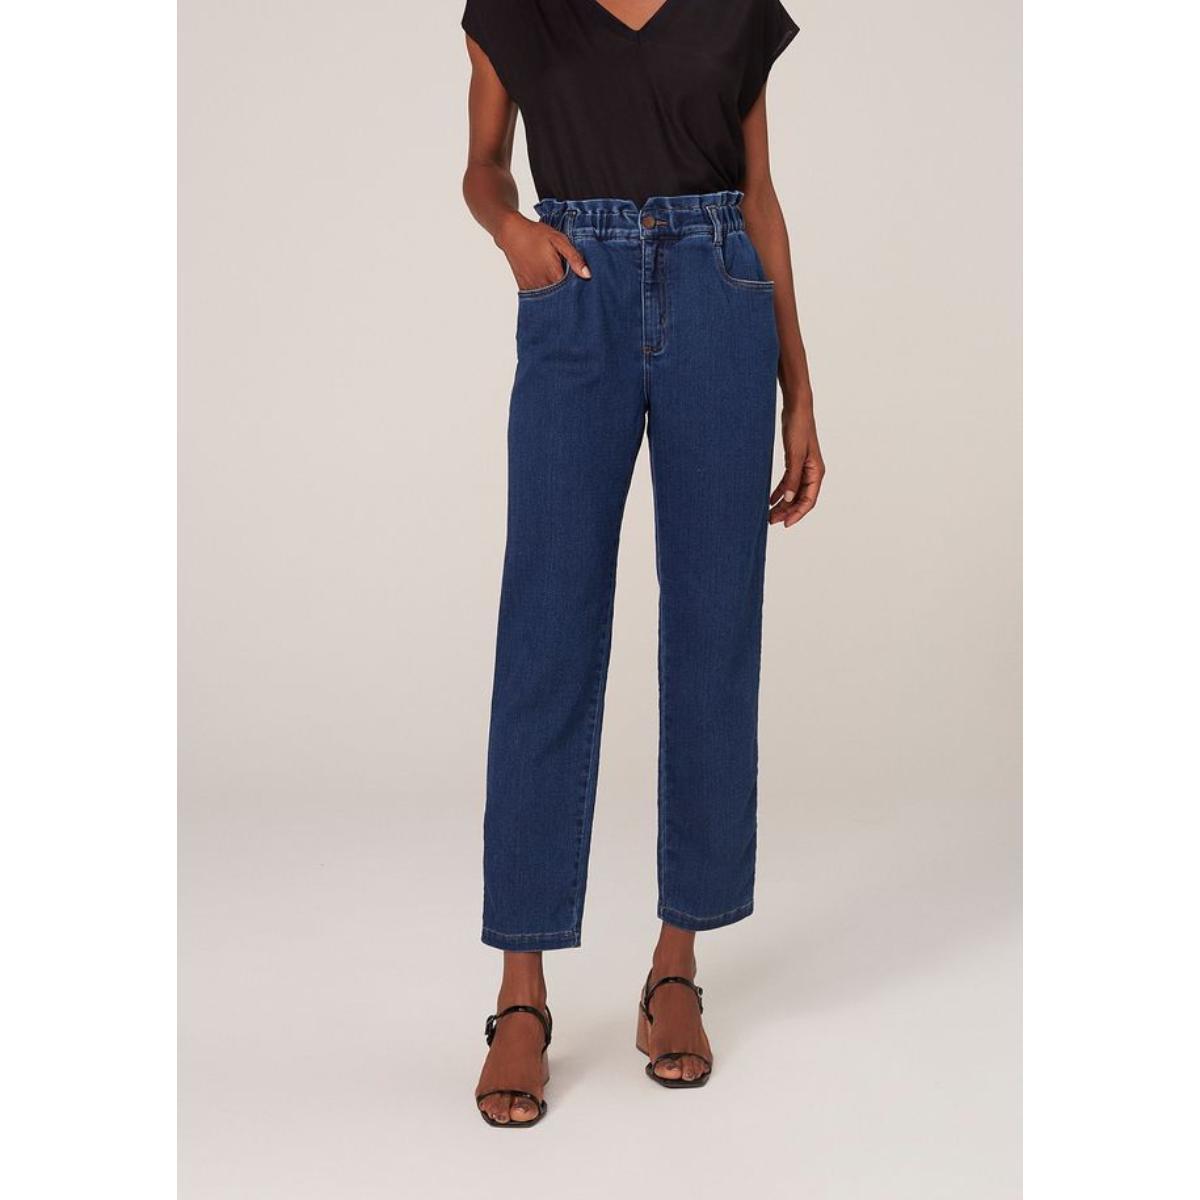 Calça Feminina Dzarm Zu4r 1asn Jeans